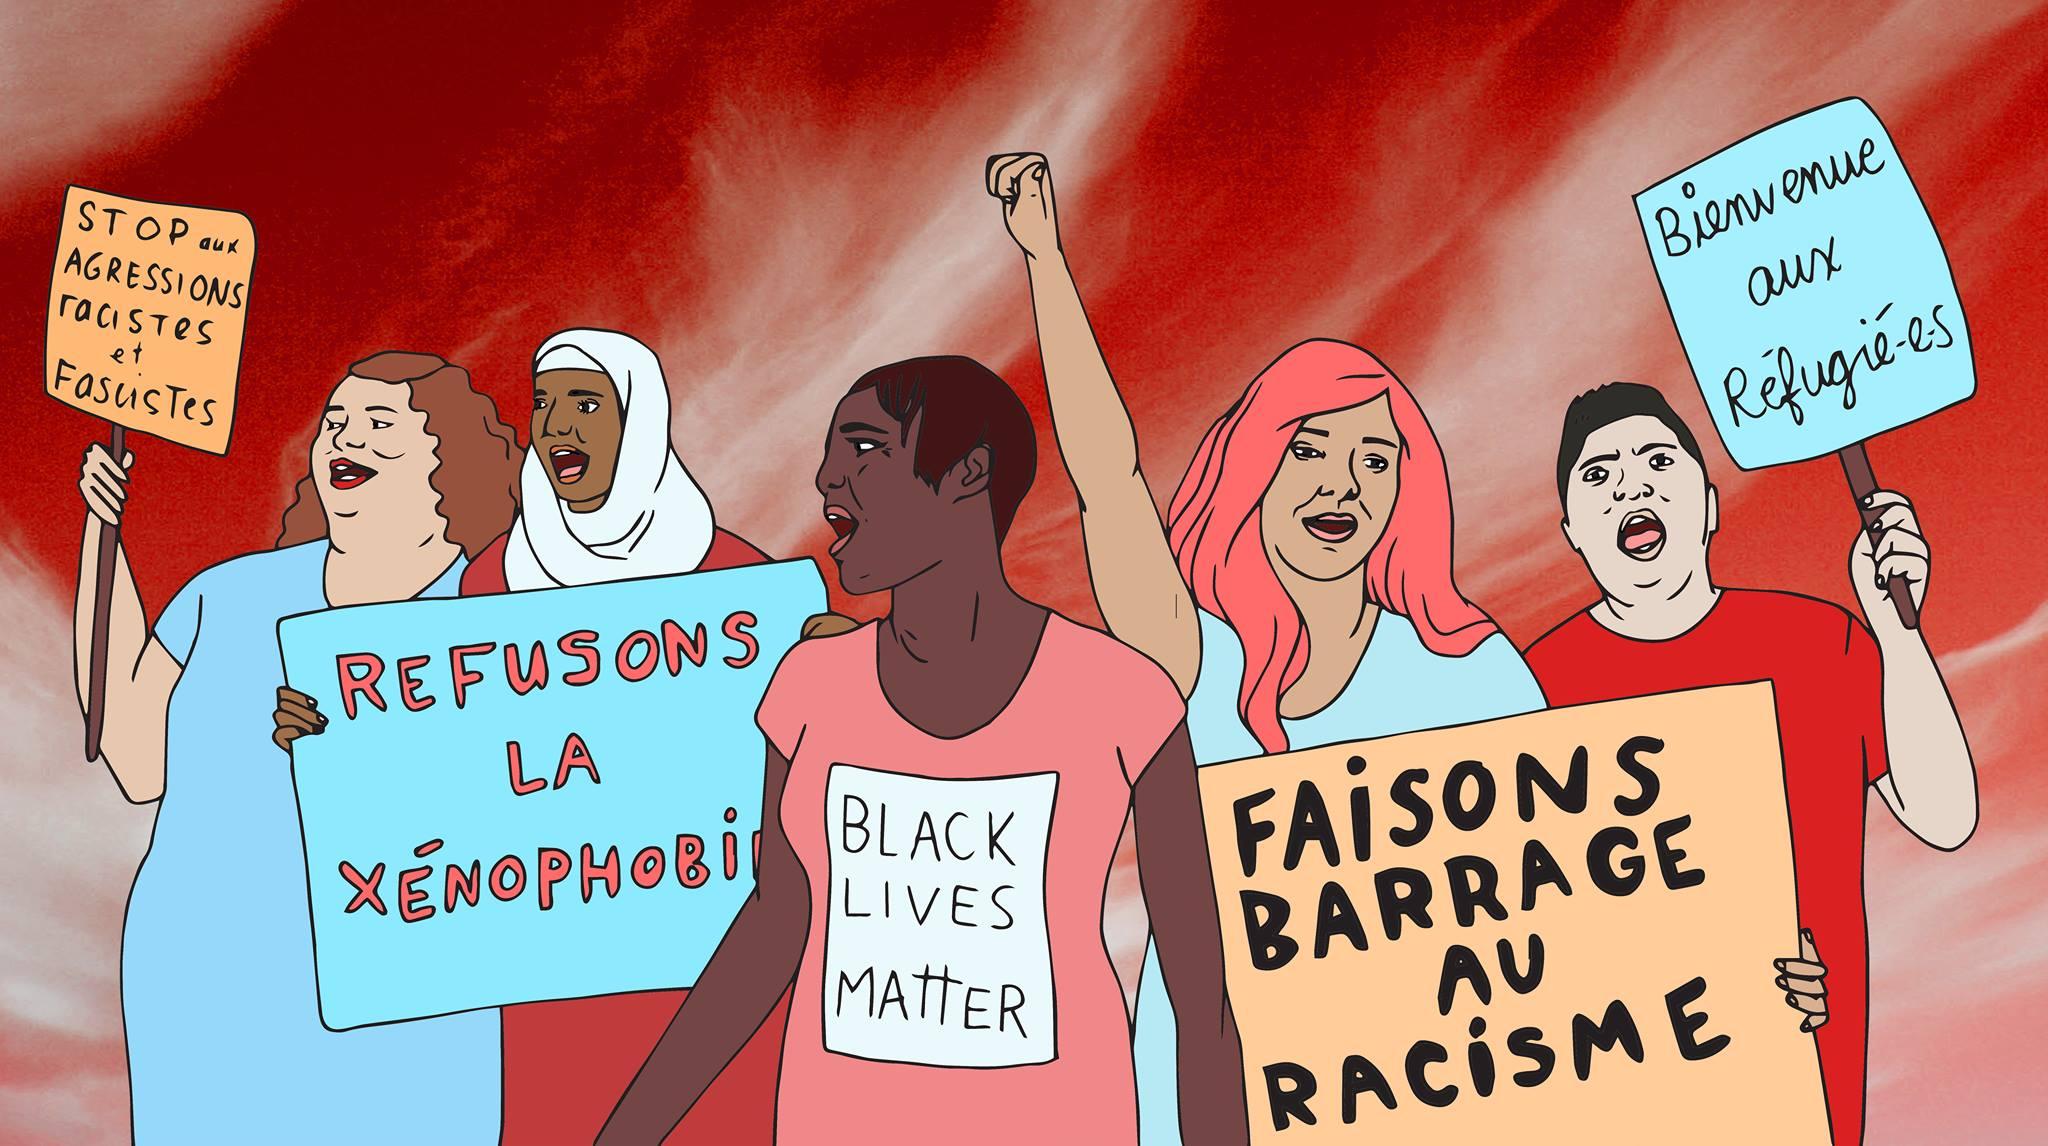 Manifestation Contre le racisme et la xénophobie: ici et ailleurs Dimanche 14h, métro St-Laurent, Montréal